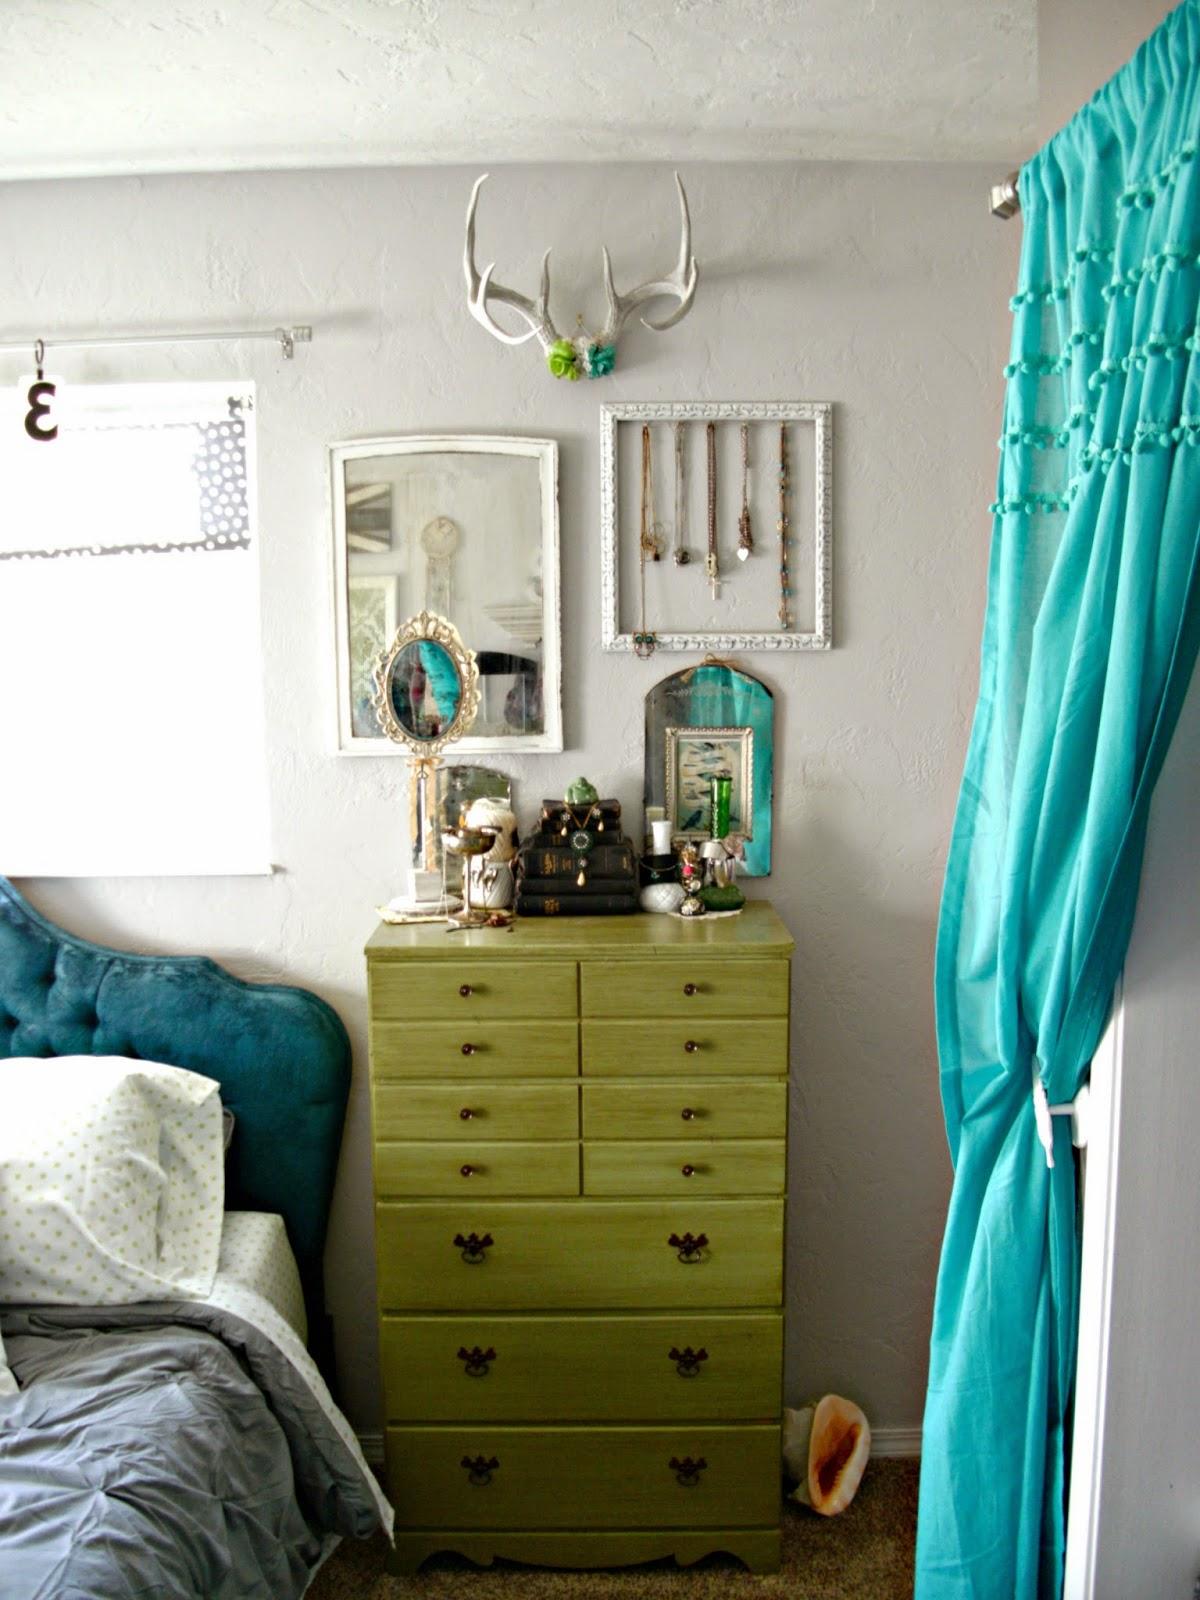 Master Bedroom Redo master bedroom redo - the big reveal! - little vintage cottage